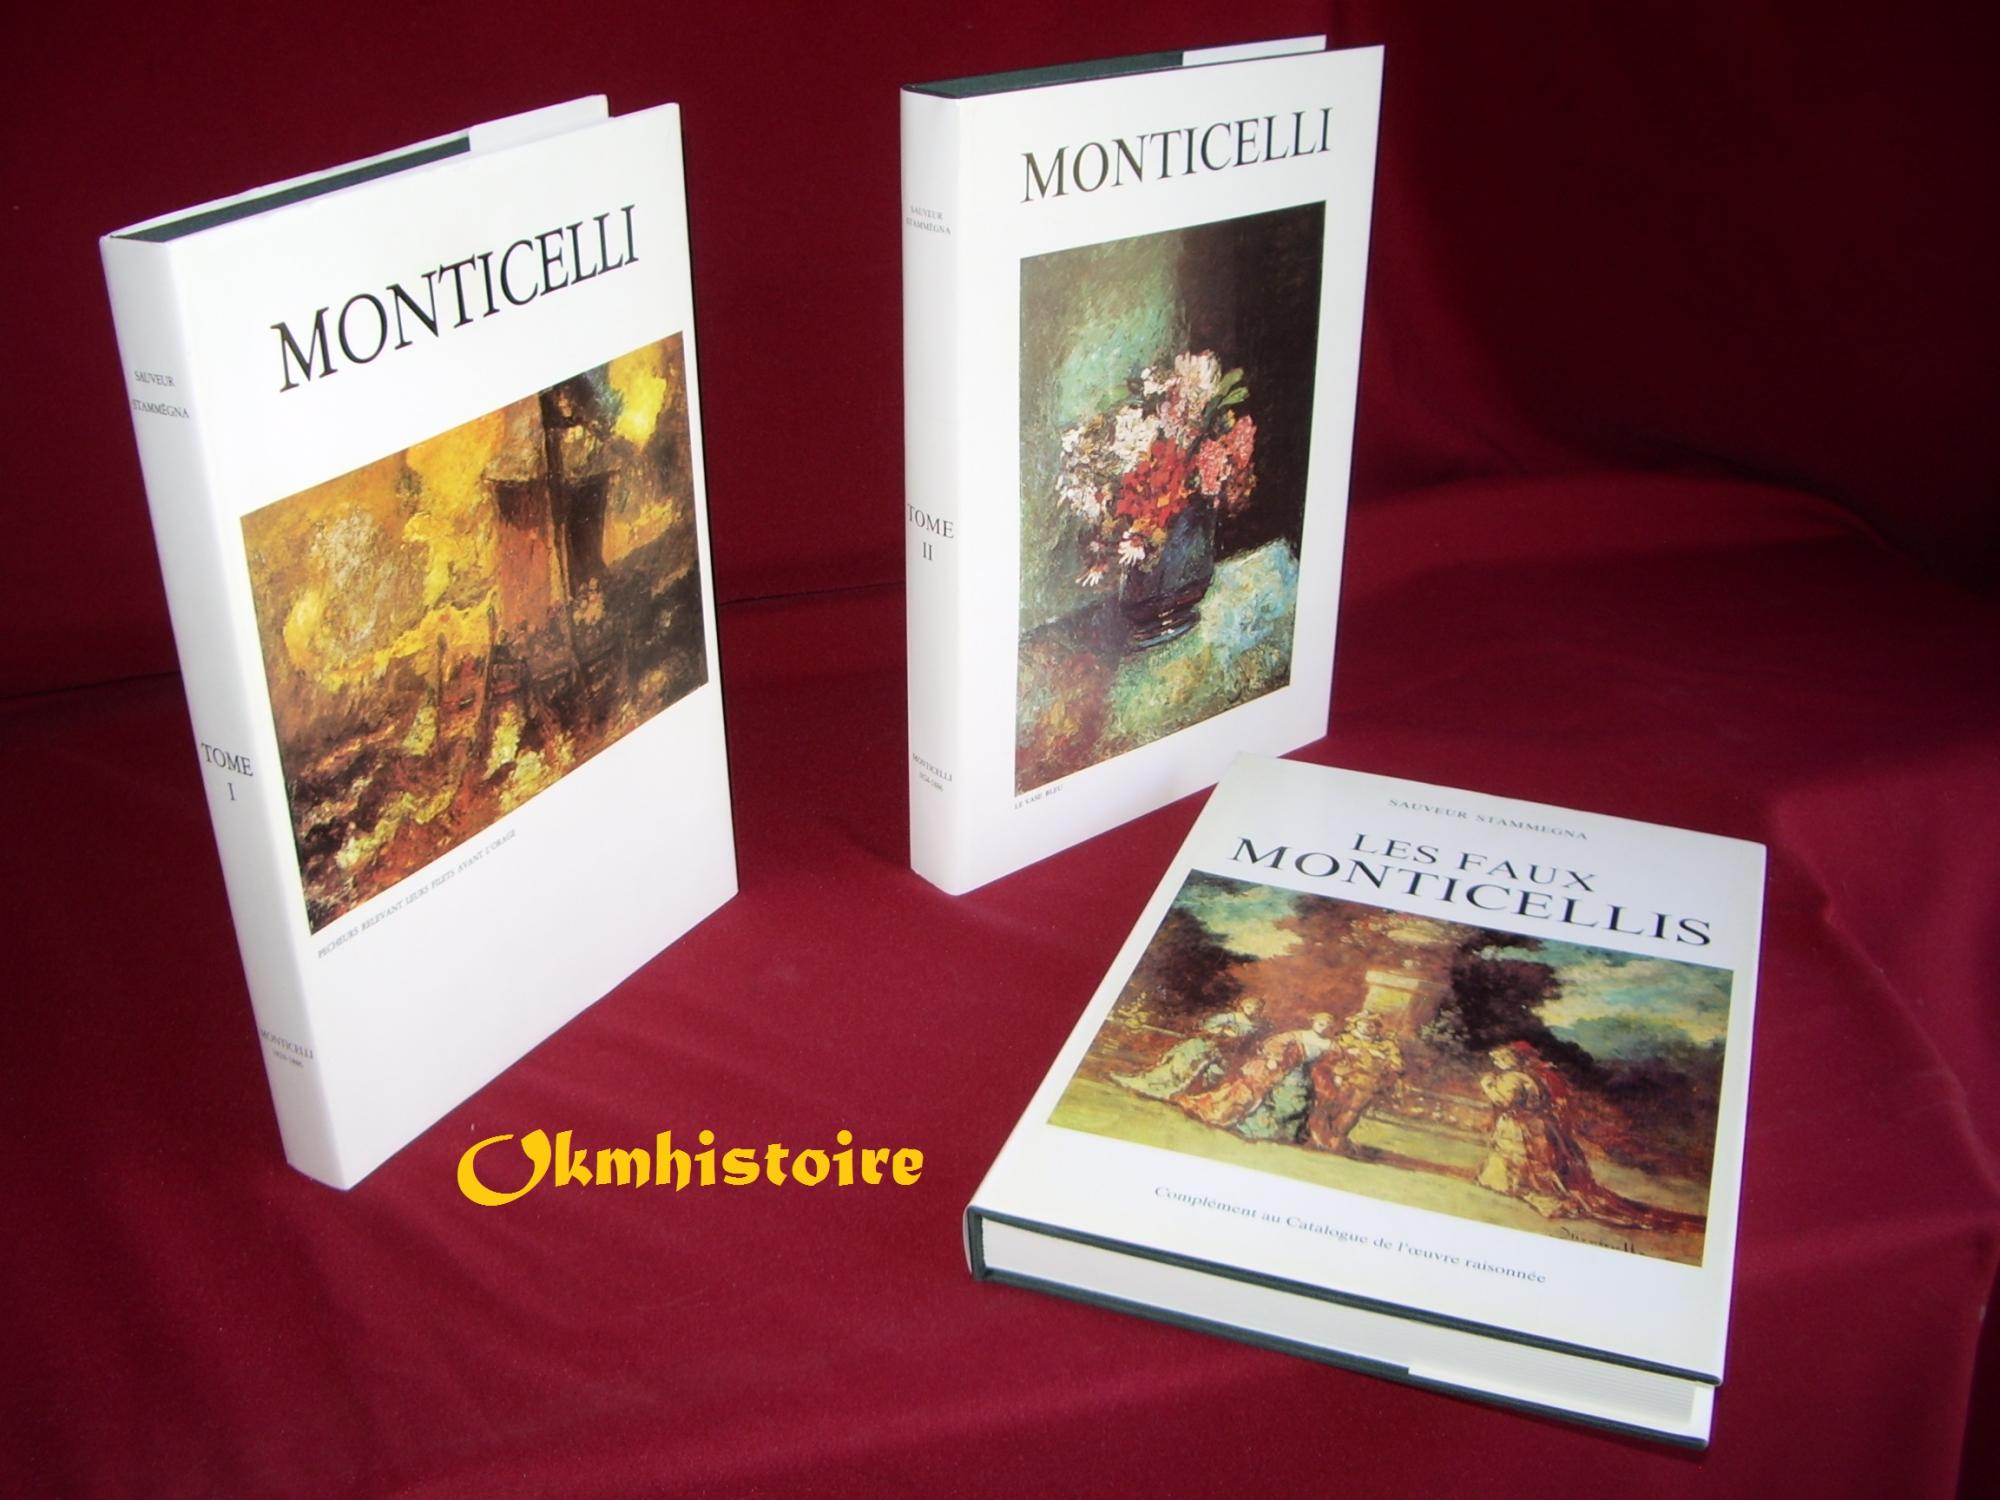 MONTICELLI__1824__1886__Catalogue_des_oeuvres__2_vol___Complément_au_catalogue_de_lœuvre_raisonné__LES_FAUX_MONTICELLI___Série_complète_